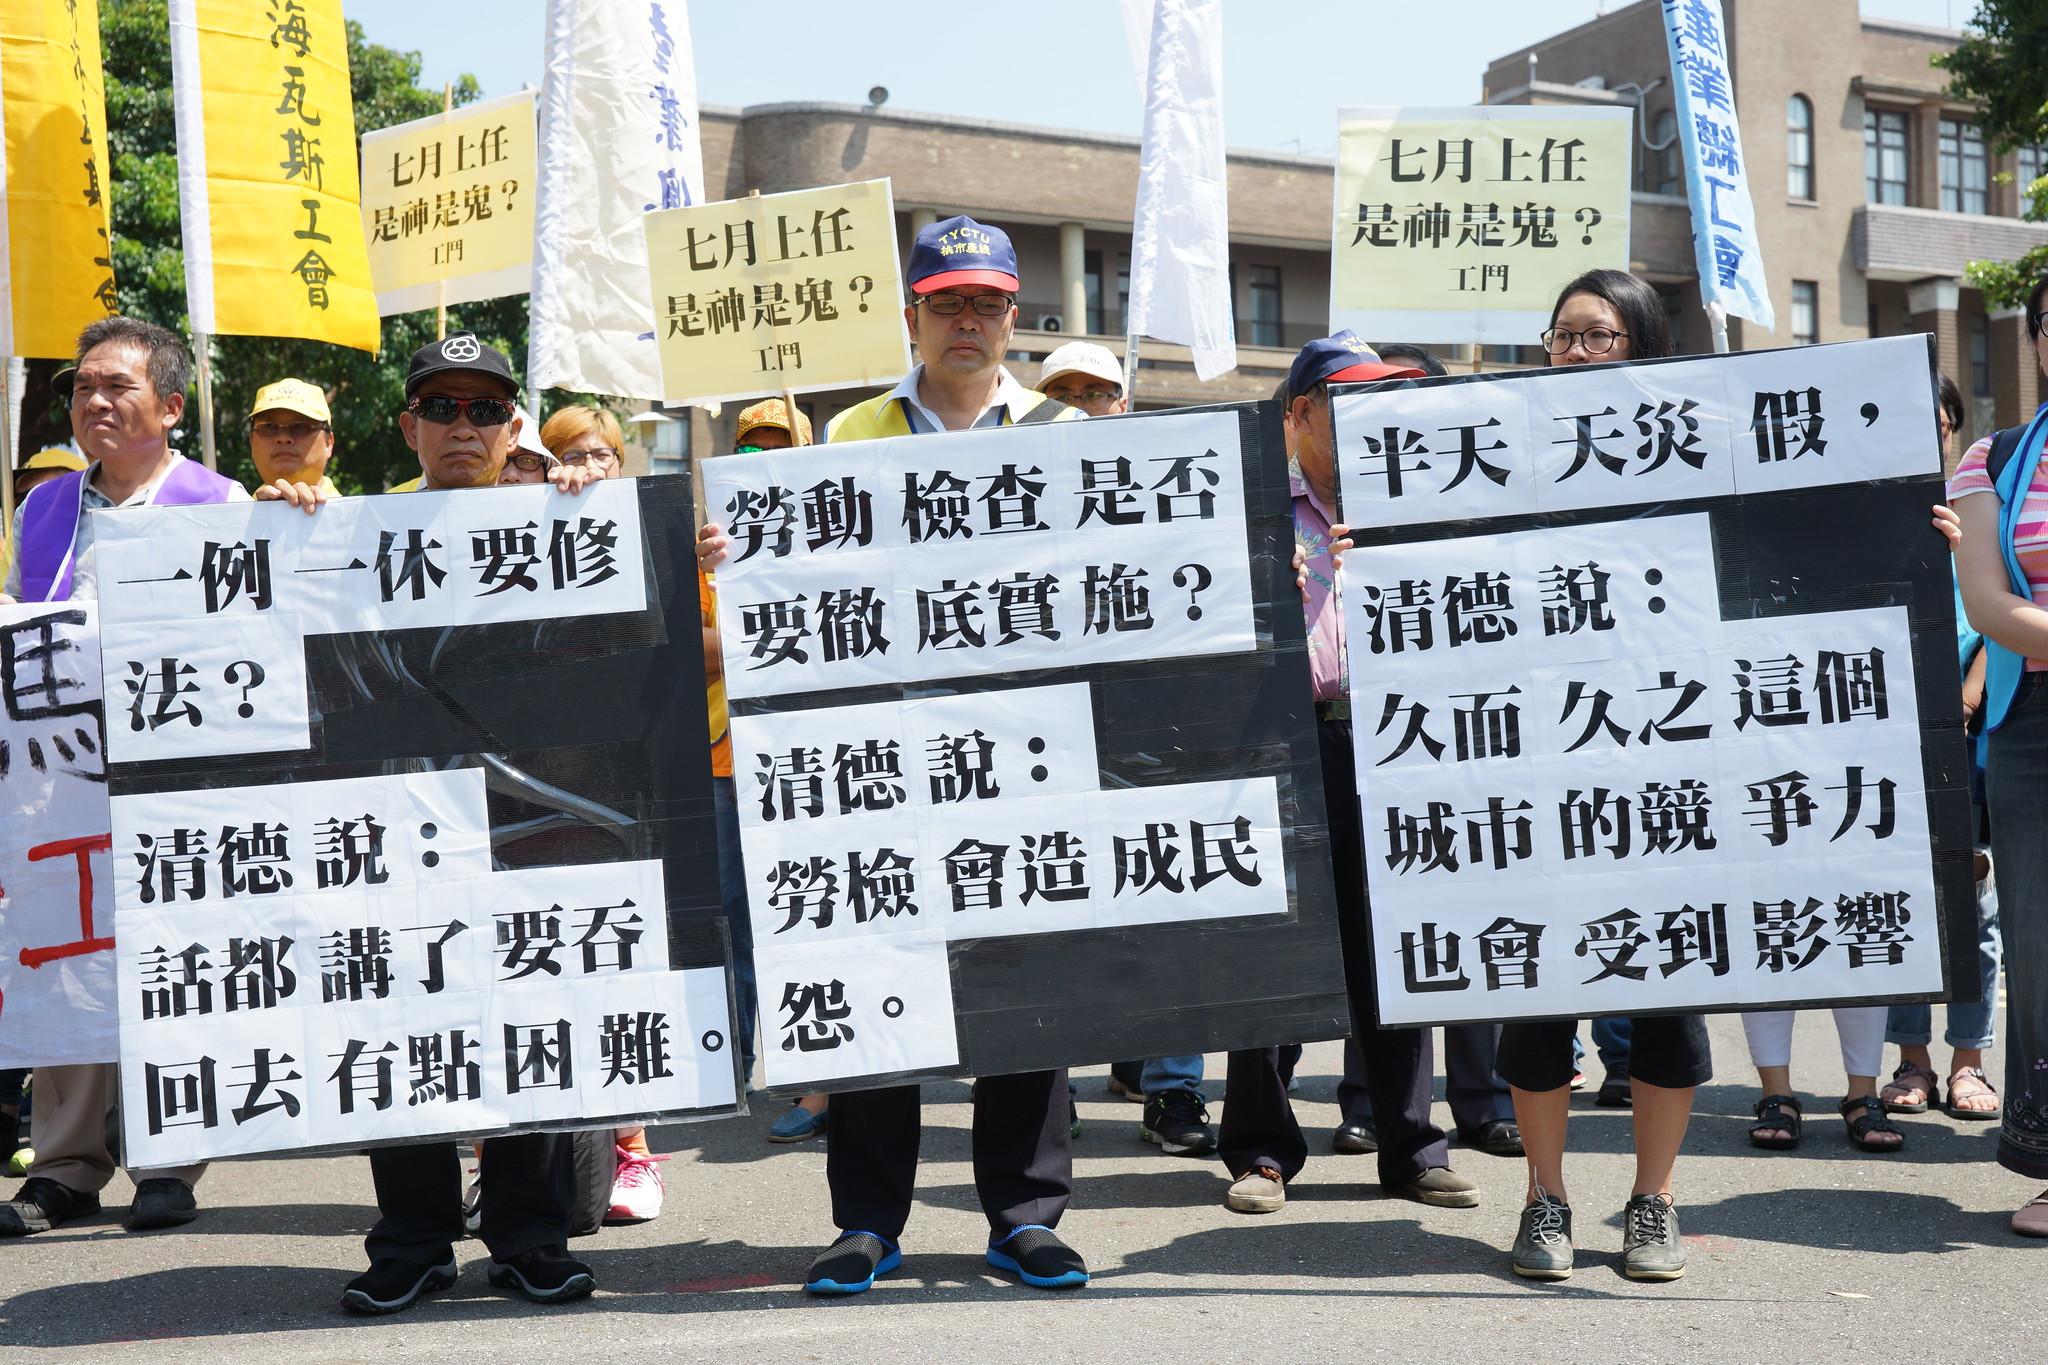 工鬥回顧賴清德過去針對勞工議題的爭議發言。(攝影:王顥中)